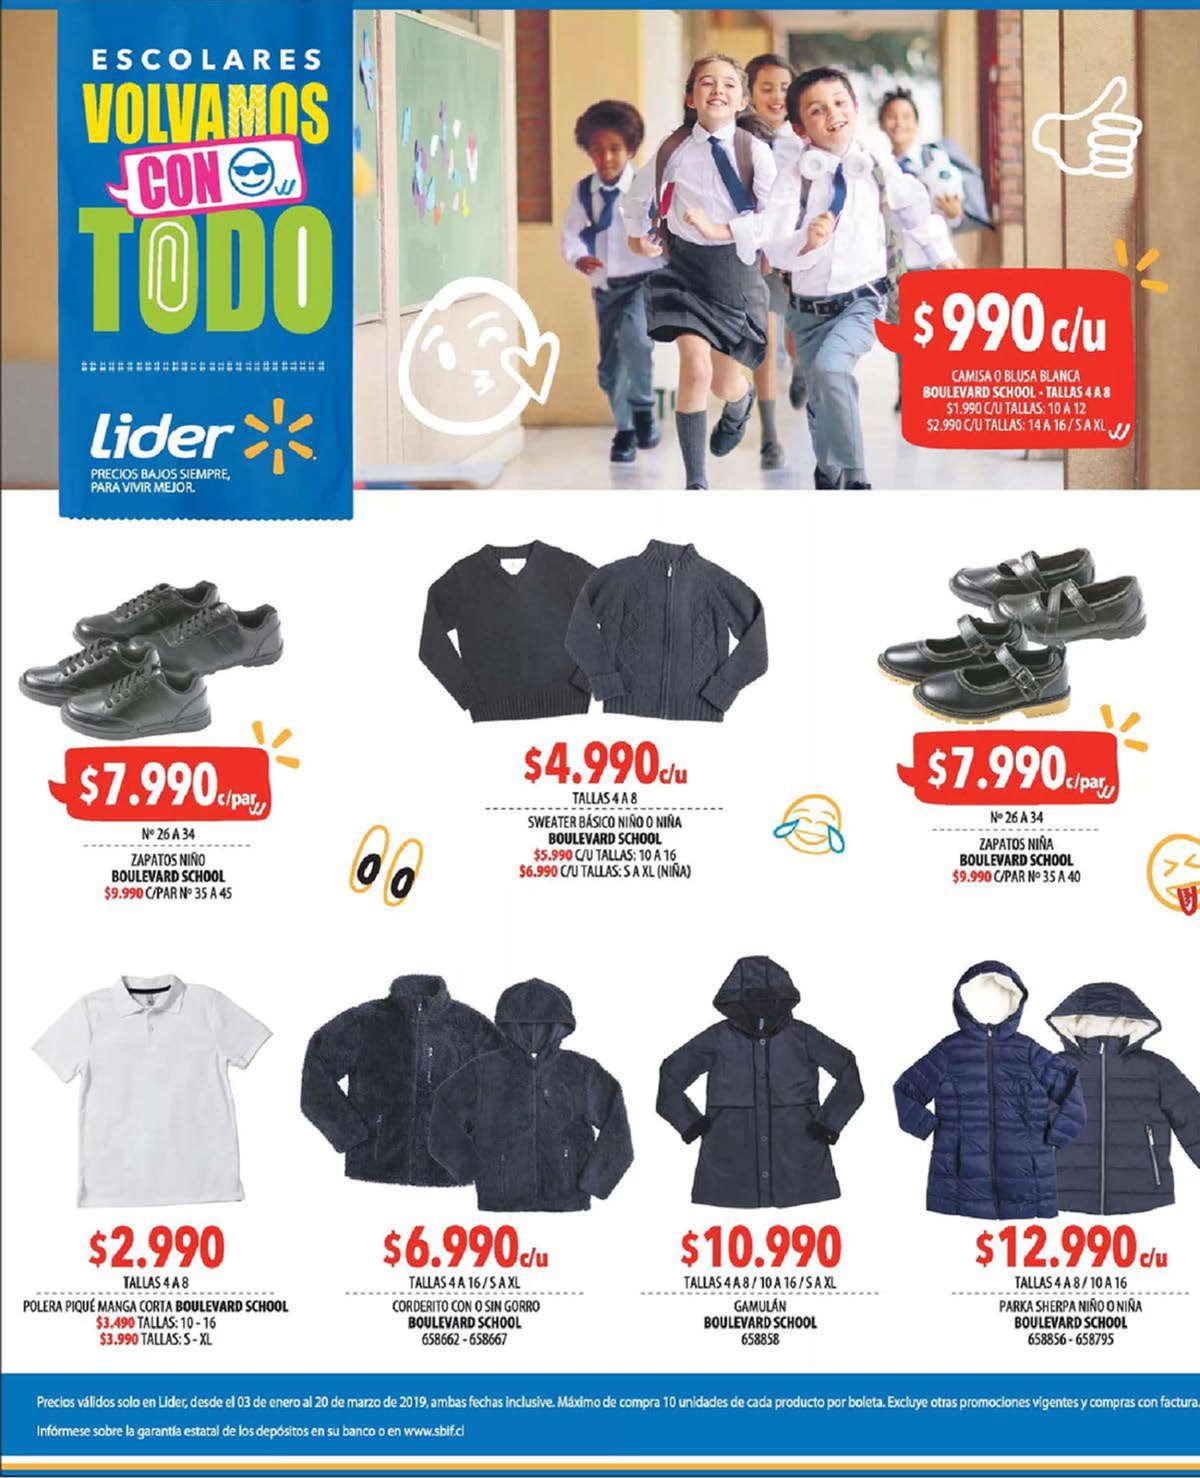 Comprar Ropa deportiva en Viña del Mar - Ofertas y tiendas - Ofertia 4802b558e9586